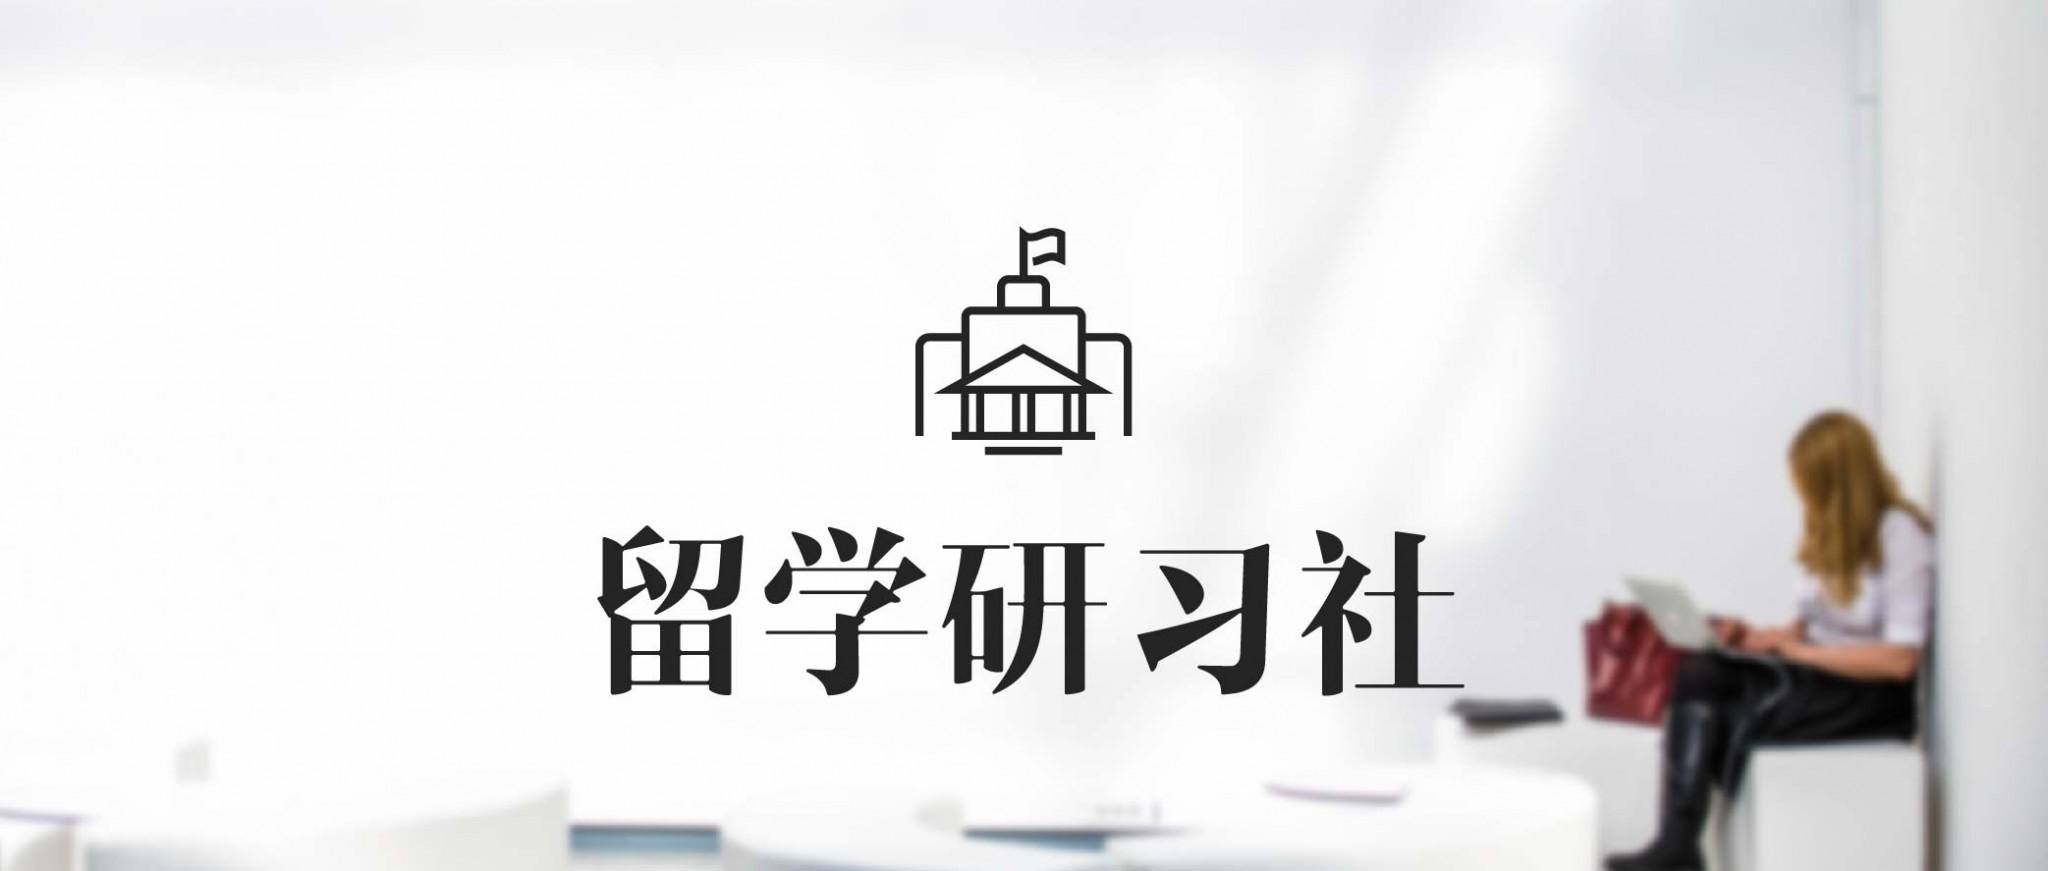 留学研习社-01